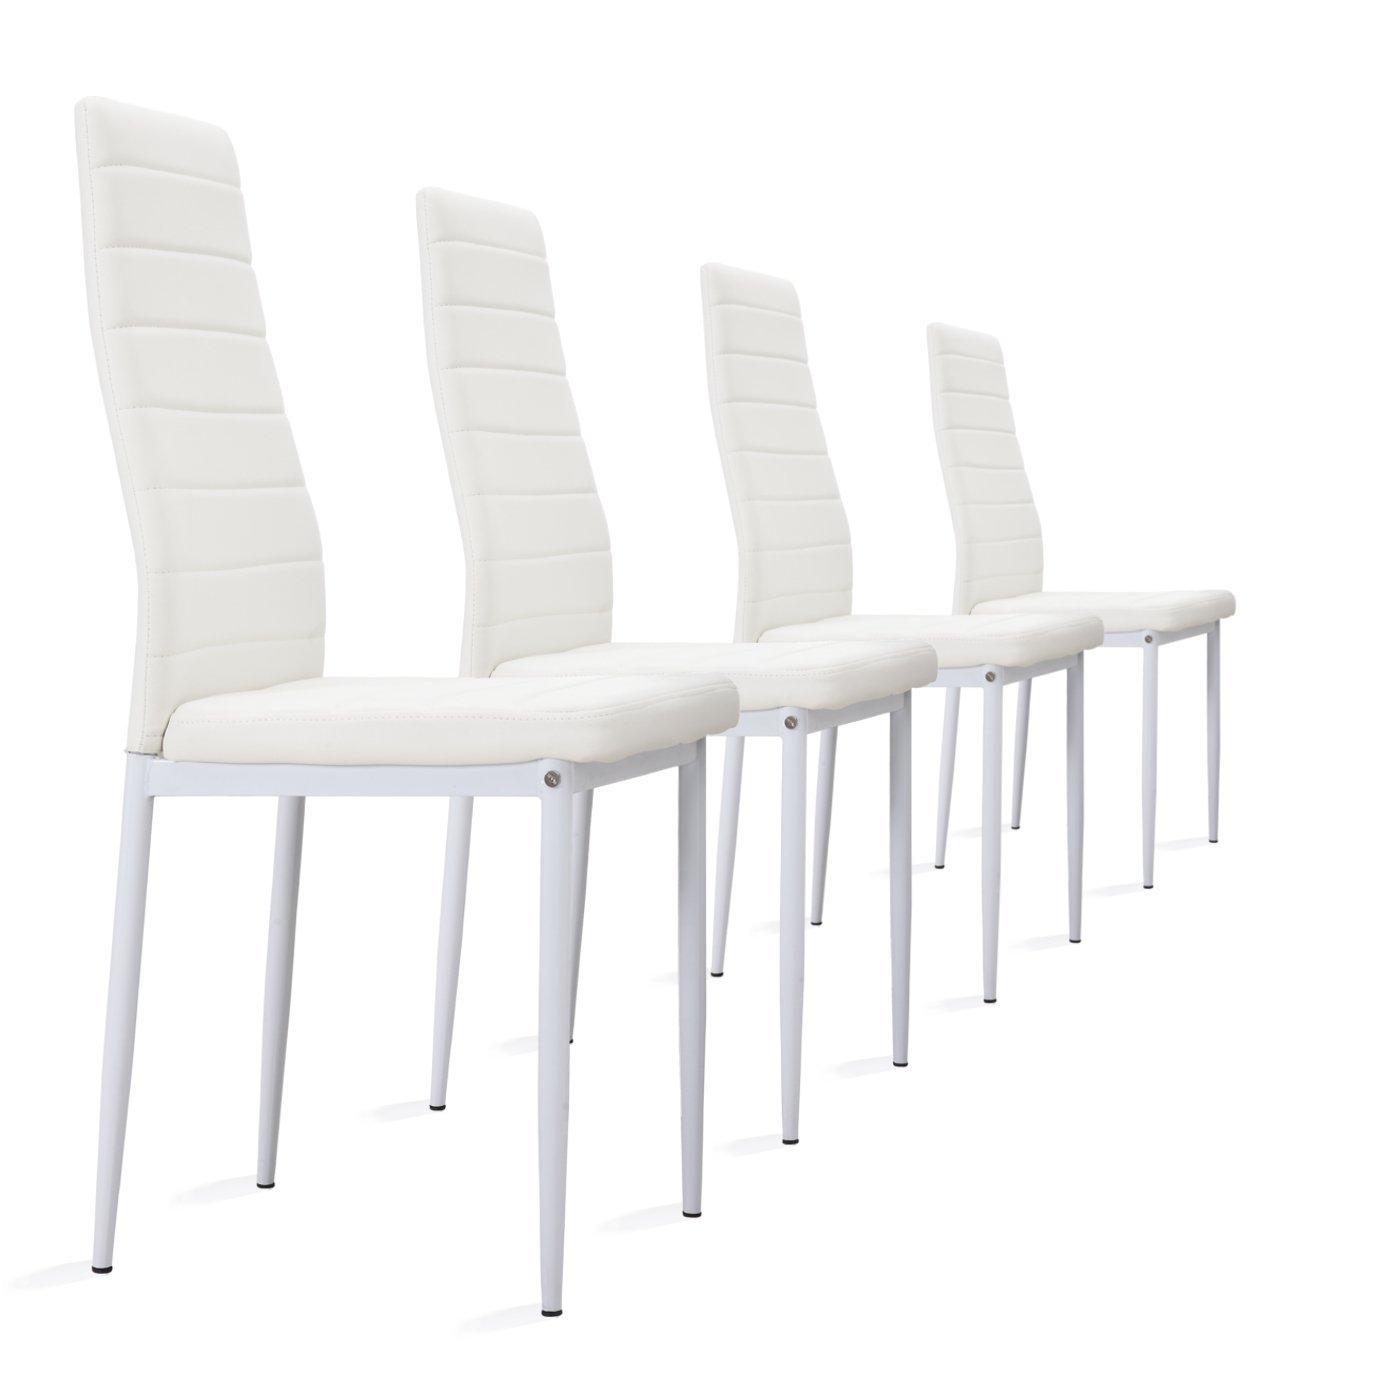 Inspirierend Weisse Stühle Dekoration Von I-flair 4 Stück Weiße Stühle Esszimmerstühle, Küchenstühle